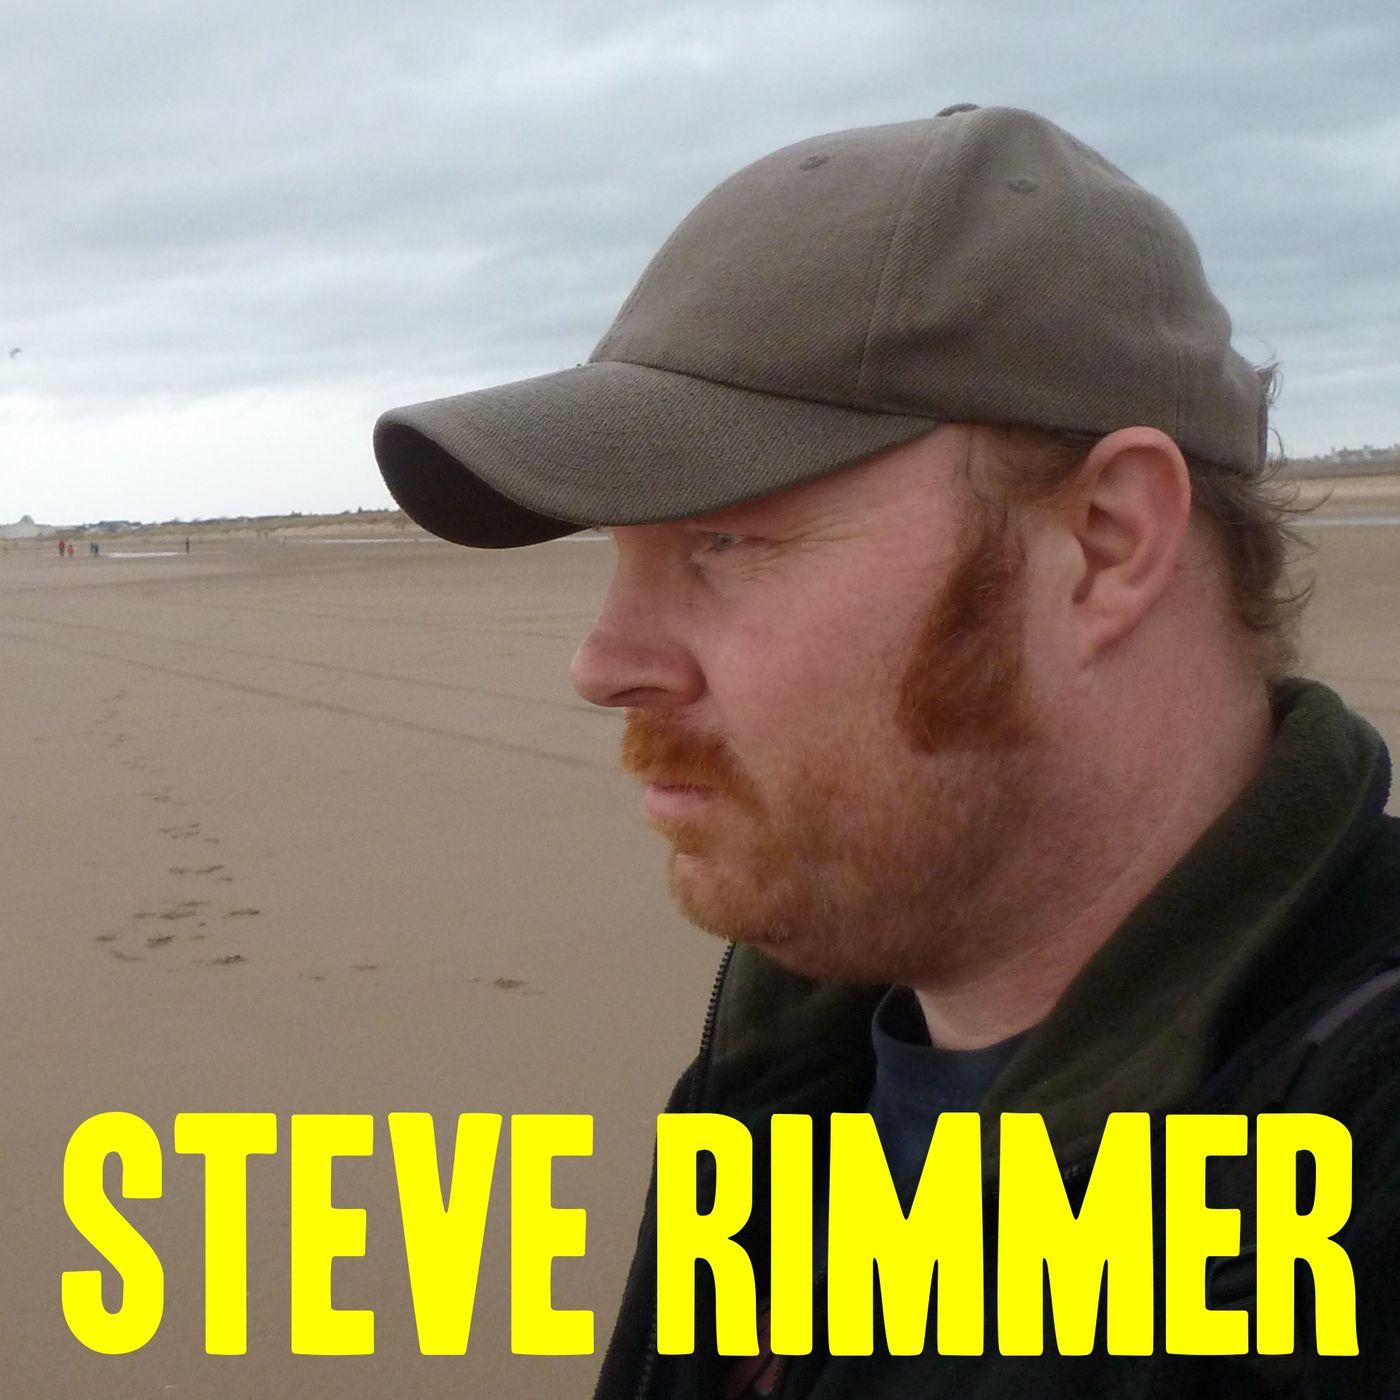 Steve Rimmer - 081219231